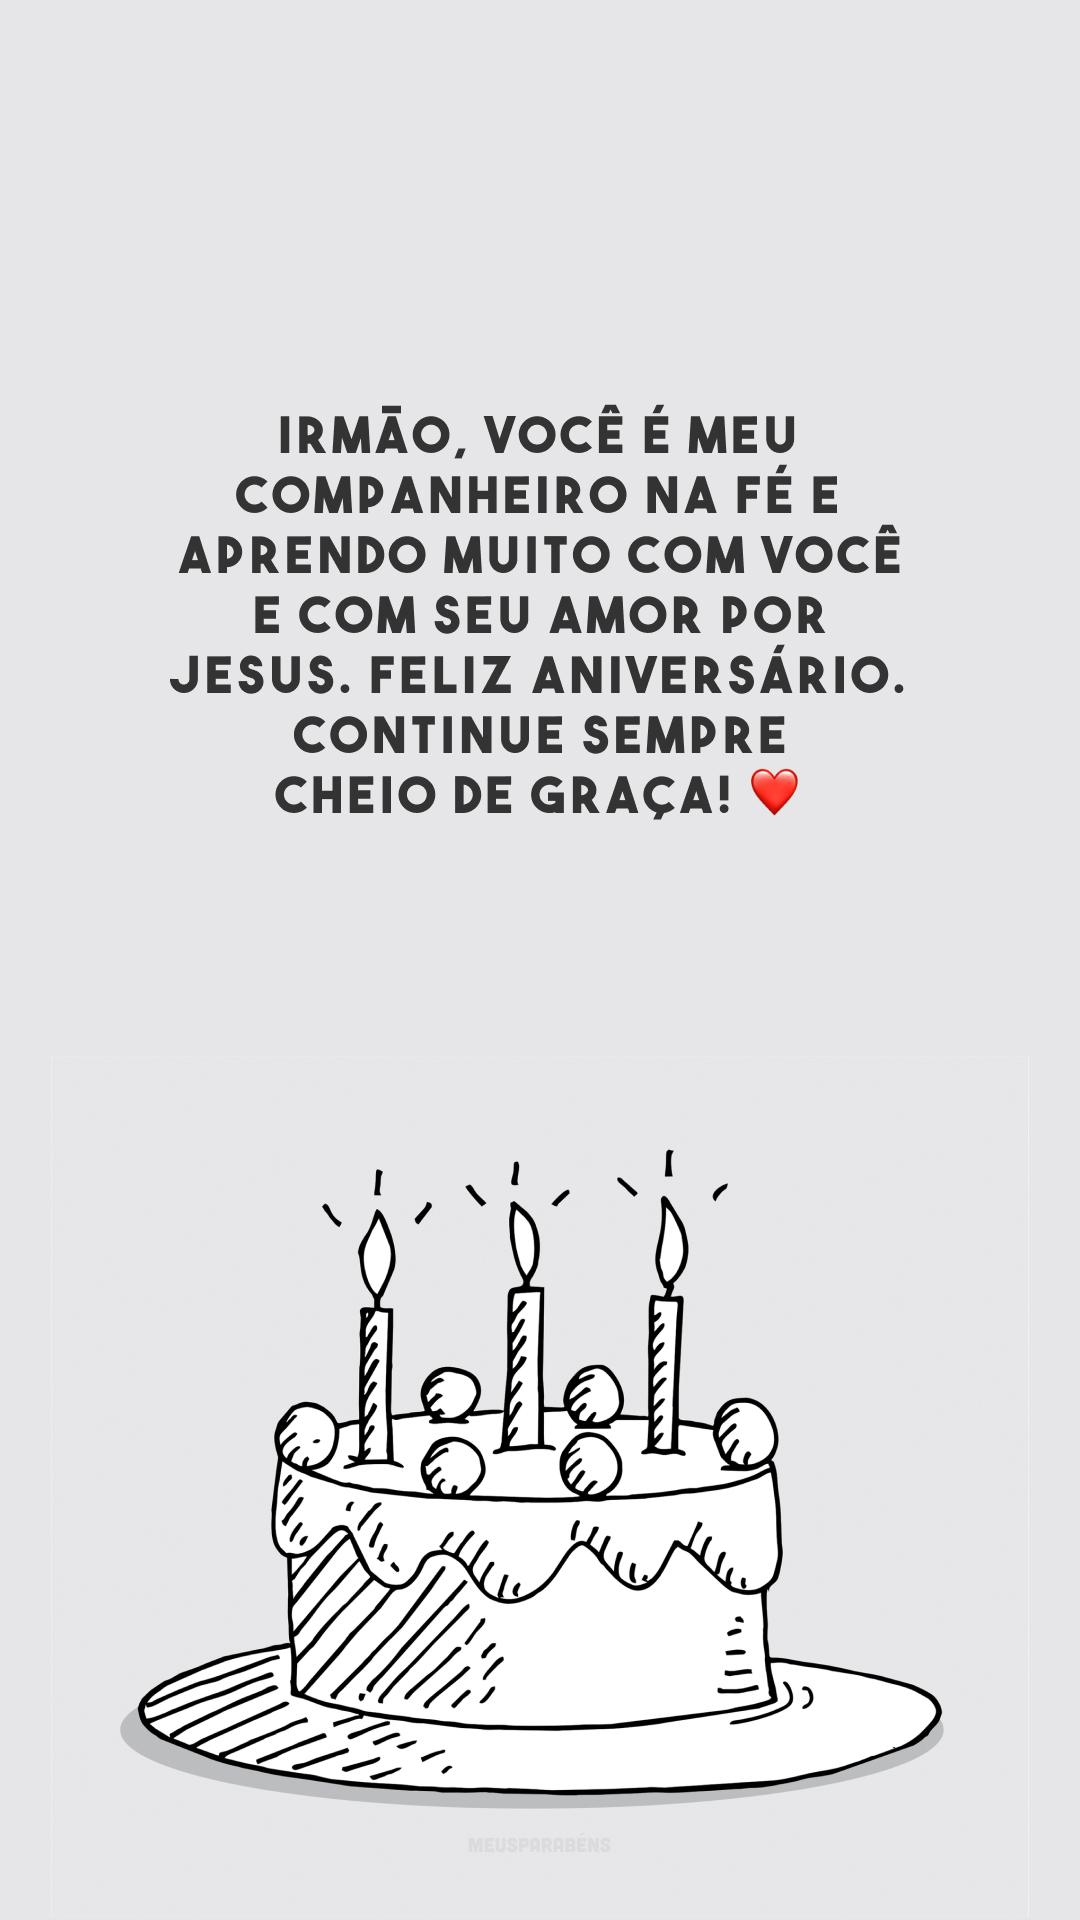 Irmão, você é meu companheiro na fé e aprendo muito com você e com seu amor por Jesus. Feliz aniversário. Continue sempre cheio de graça! ❤️